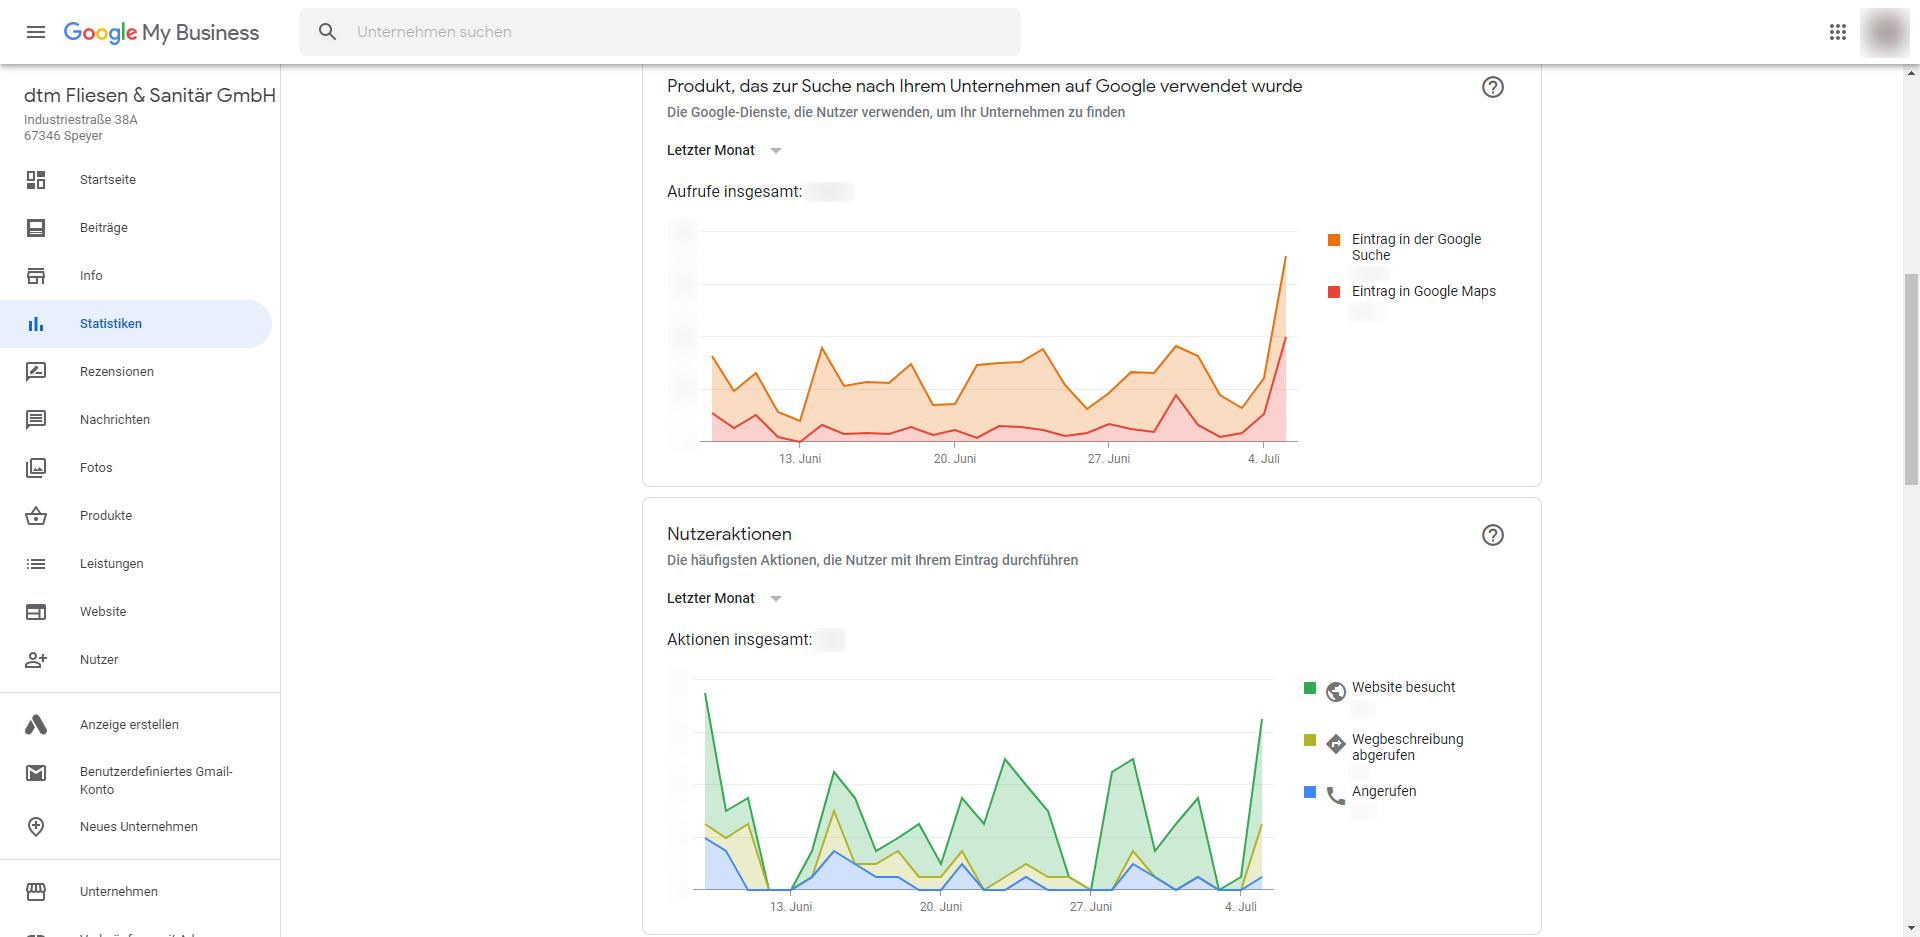 Statistiken zum Google My Business Profil